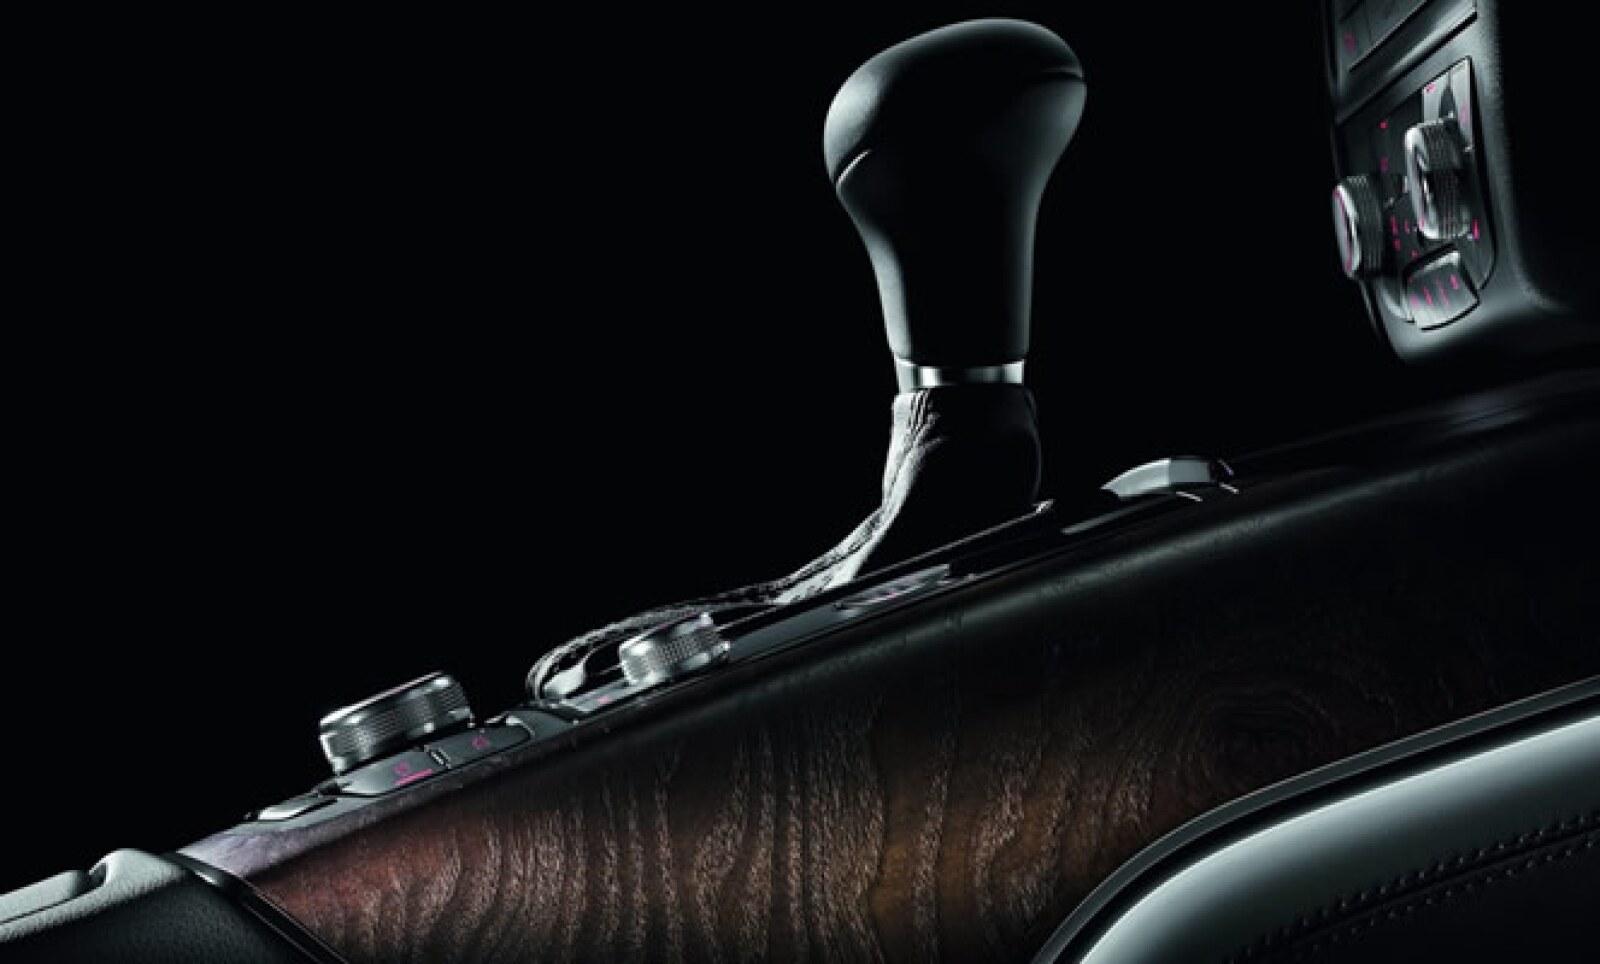 El modelo estará disponible en tres versiones: básica, con un precio de 73,100 dólares; de lujo, con un costo de 75,900 dólares y limitada, con precio base de 78,700 dólares.